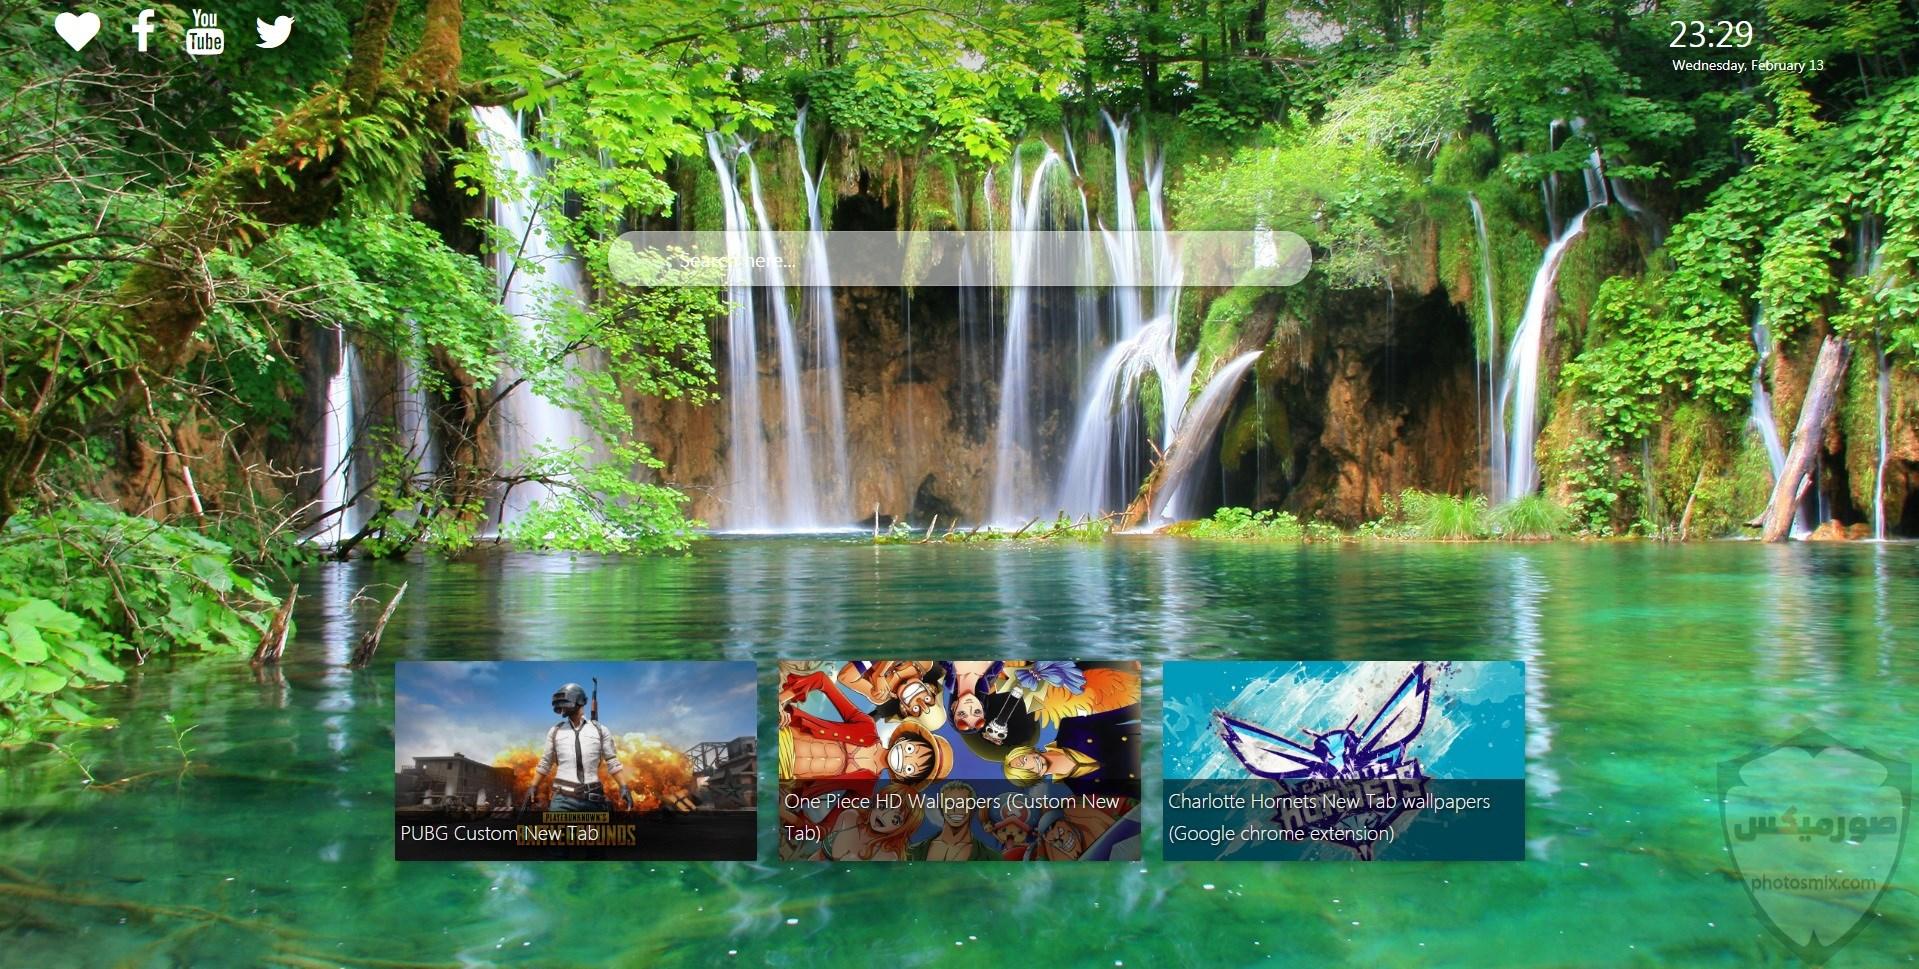 صور طبيعية خلابة أجمل صور للطبيعة صور من الطبيعة الحية 8